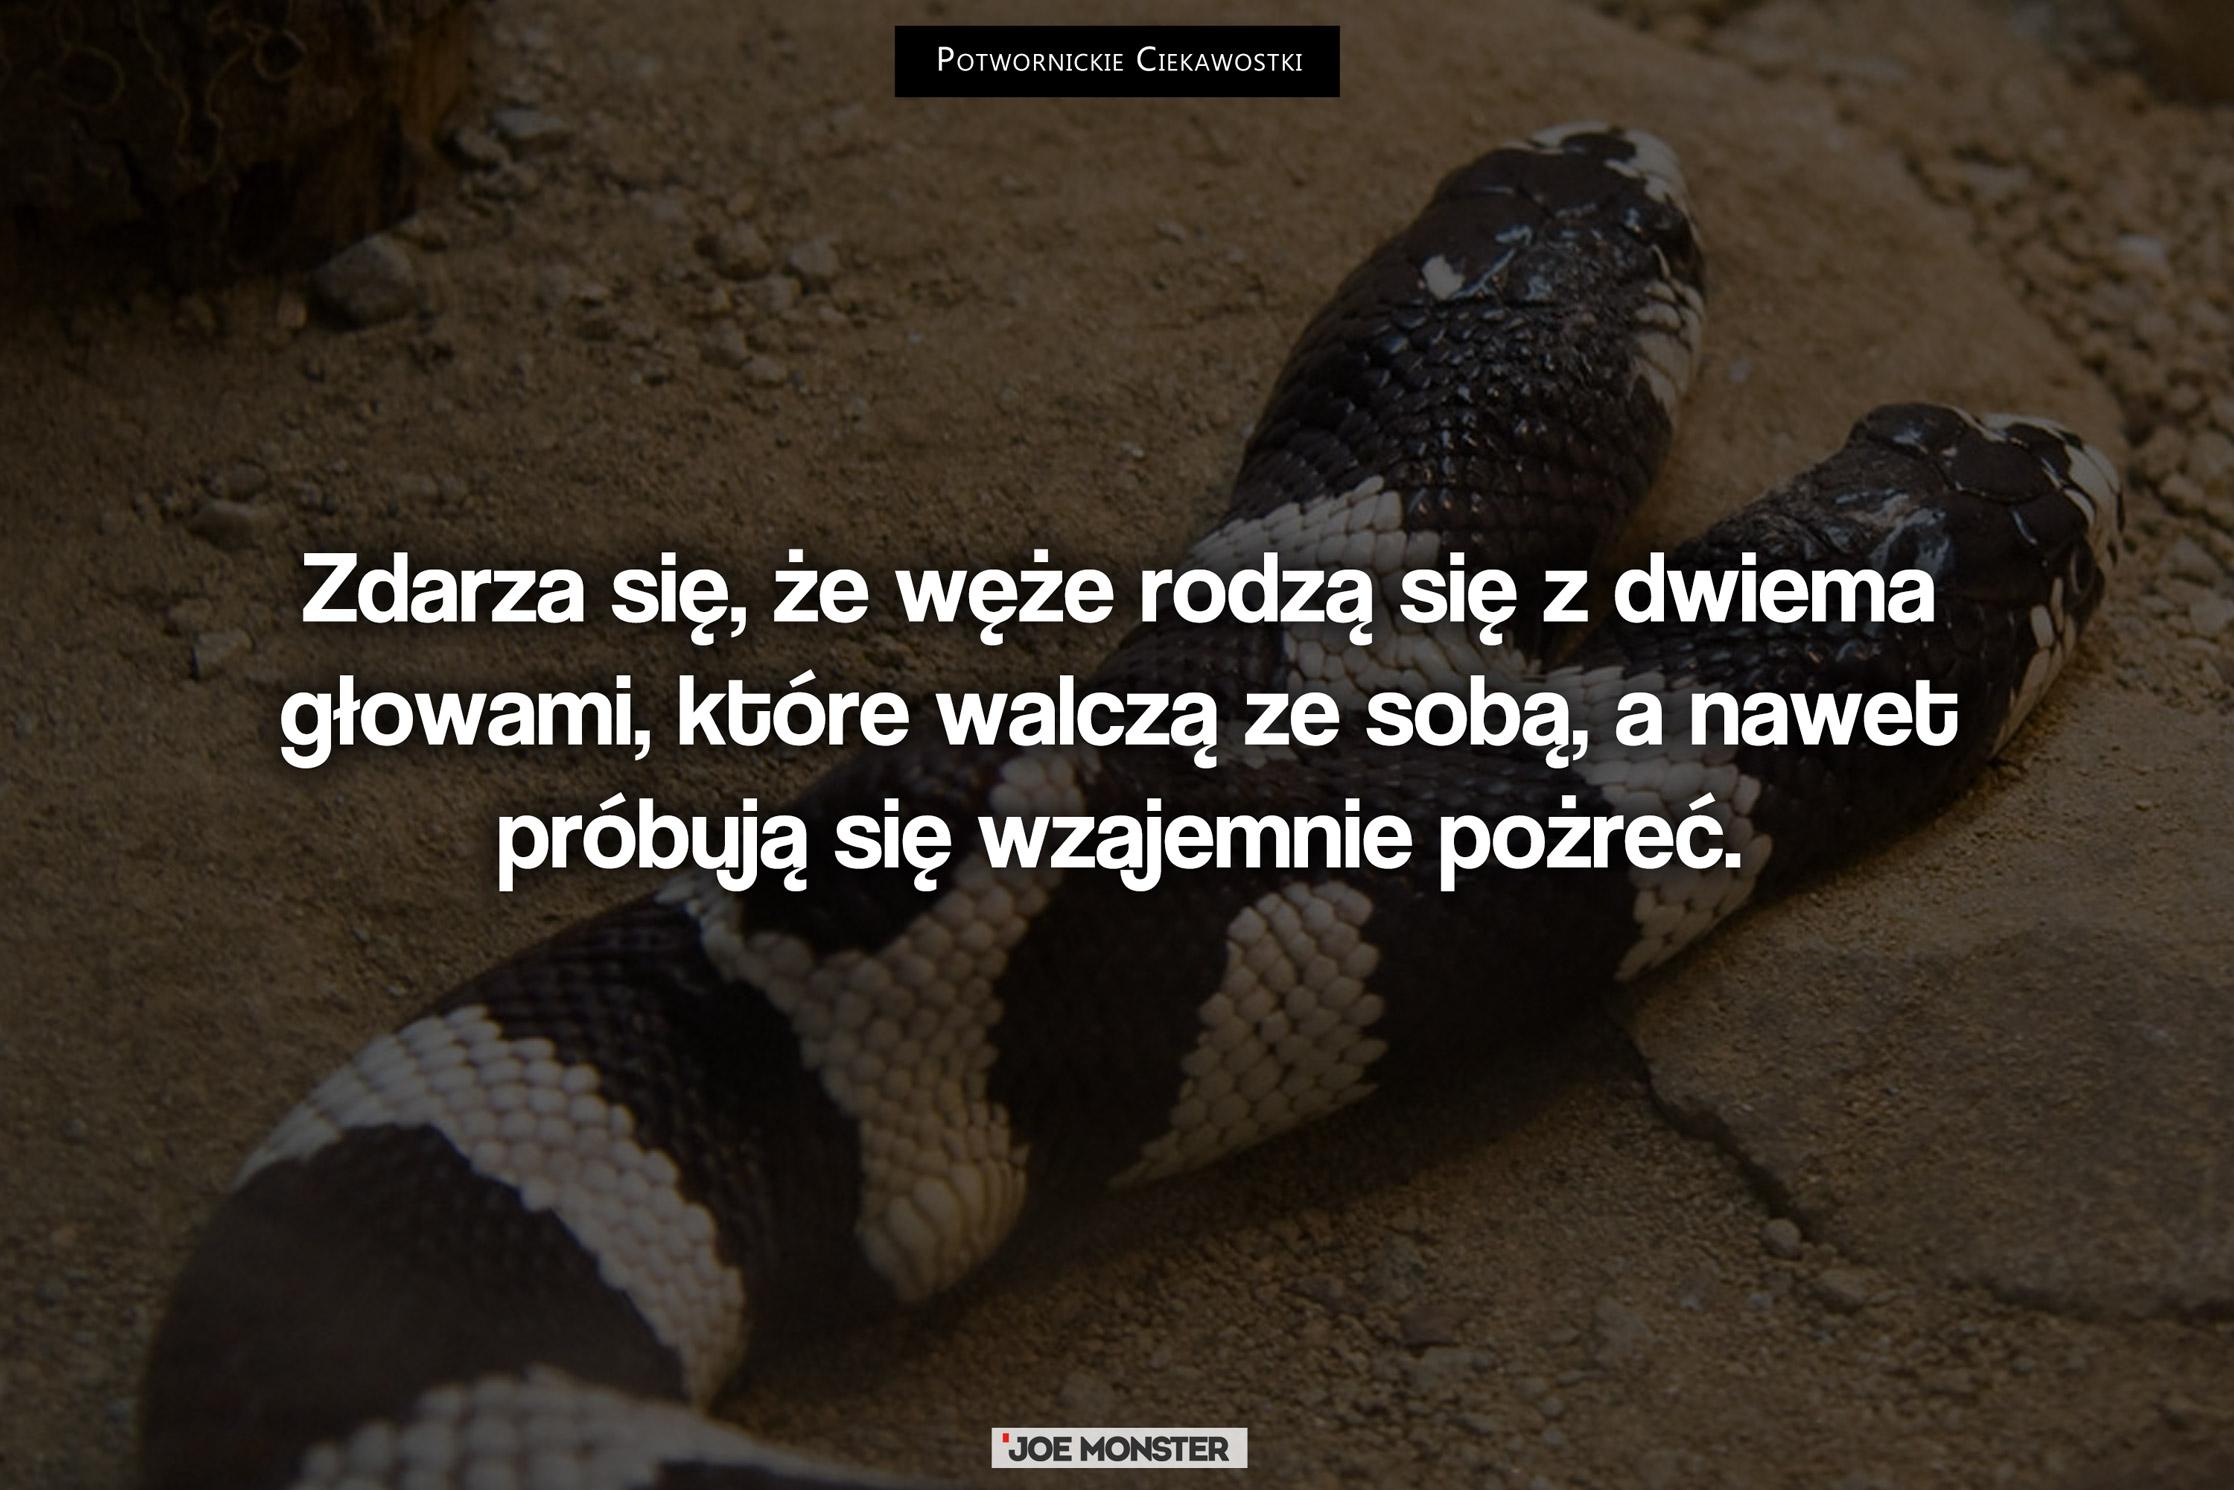 Zdarza się, że węże rodzą się z dwiema głowami, które walczą ze sobą, a nawet próbują się wzajemnie pożreć.